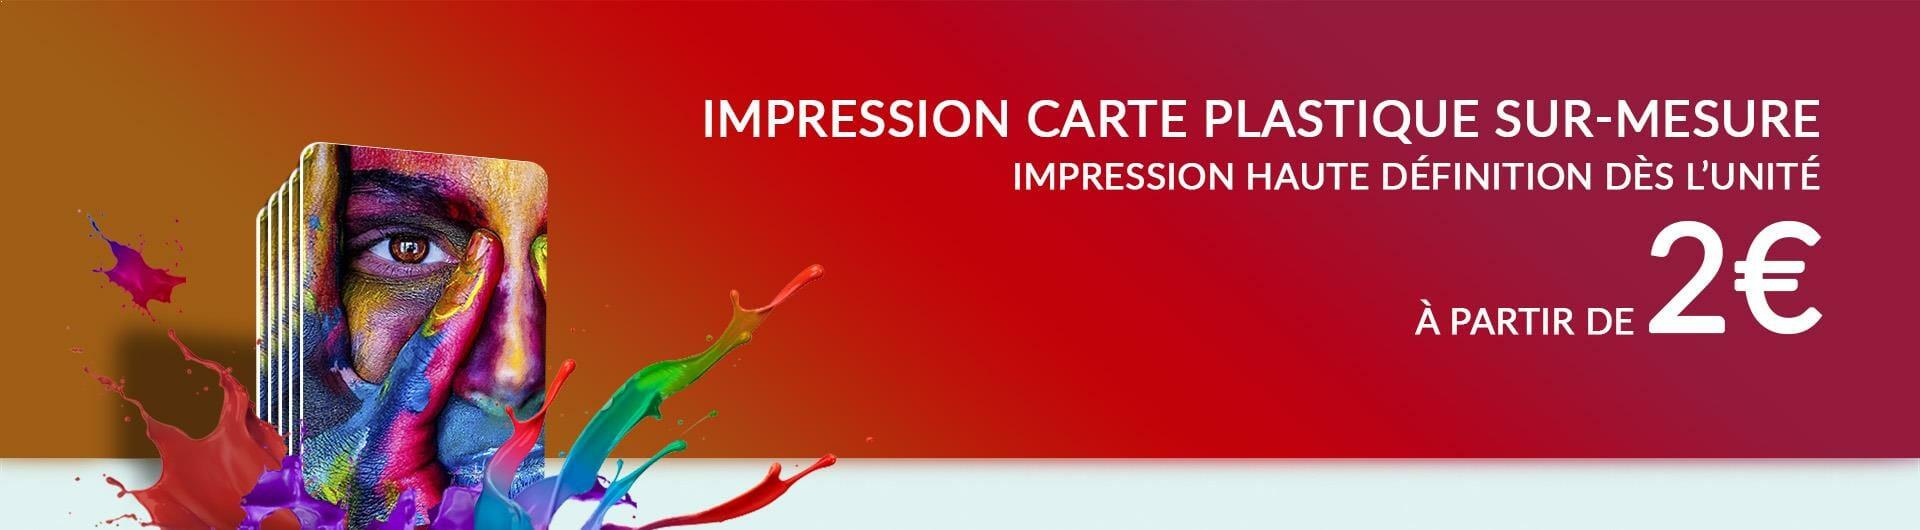 Impression carte plastique pvc sur mesure haute définition dès l'unité cardzprinter